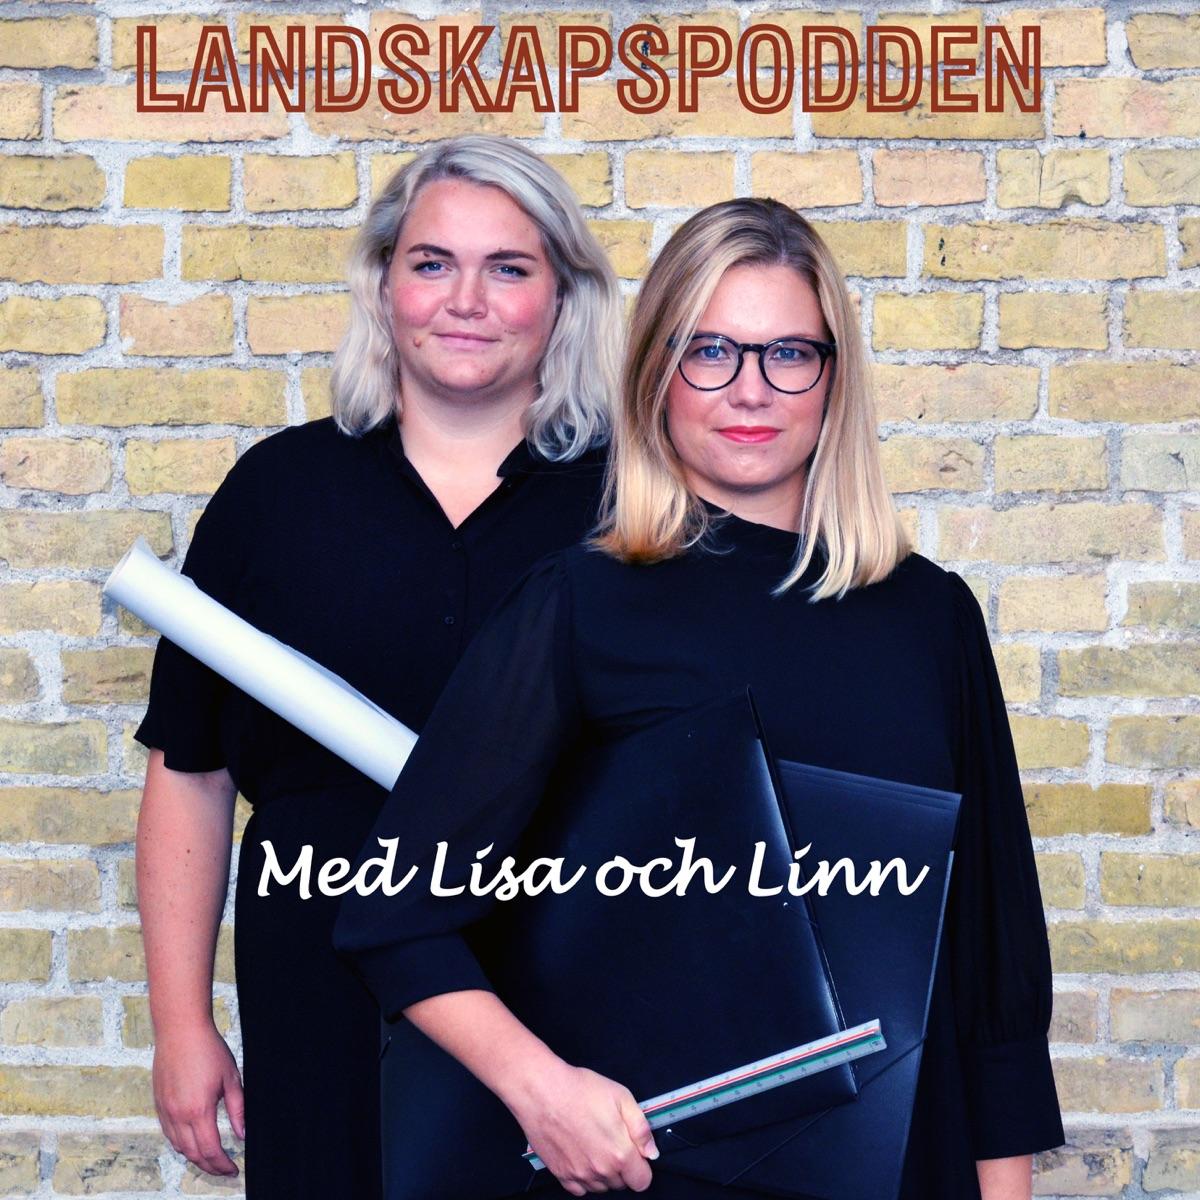 Landskapspodden med Lisa och Linn